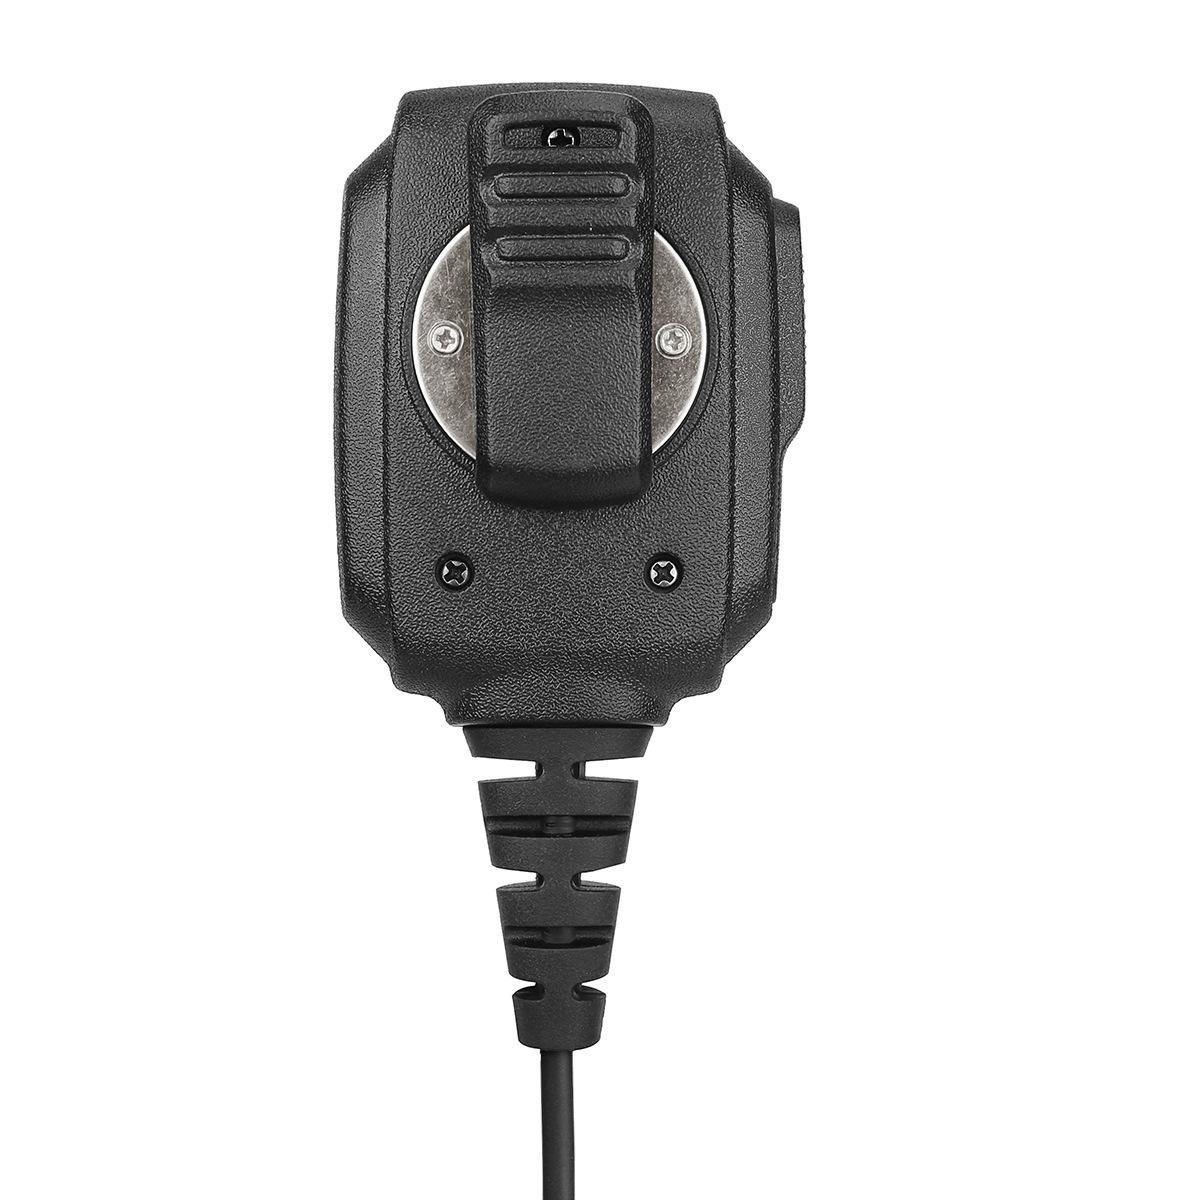 Retevis HK006 IP57 Waterproof Remote Speaker Microphone for Retevis H777 Walkie Talkie